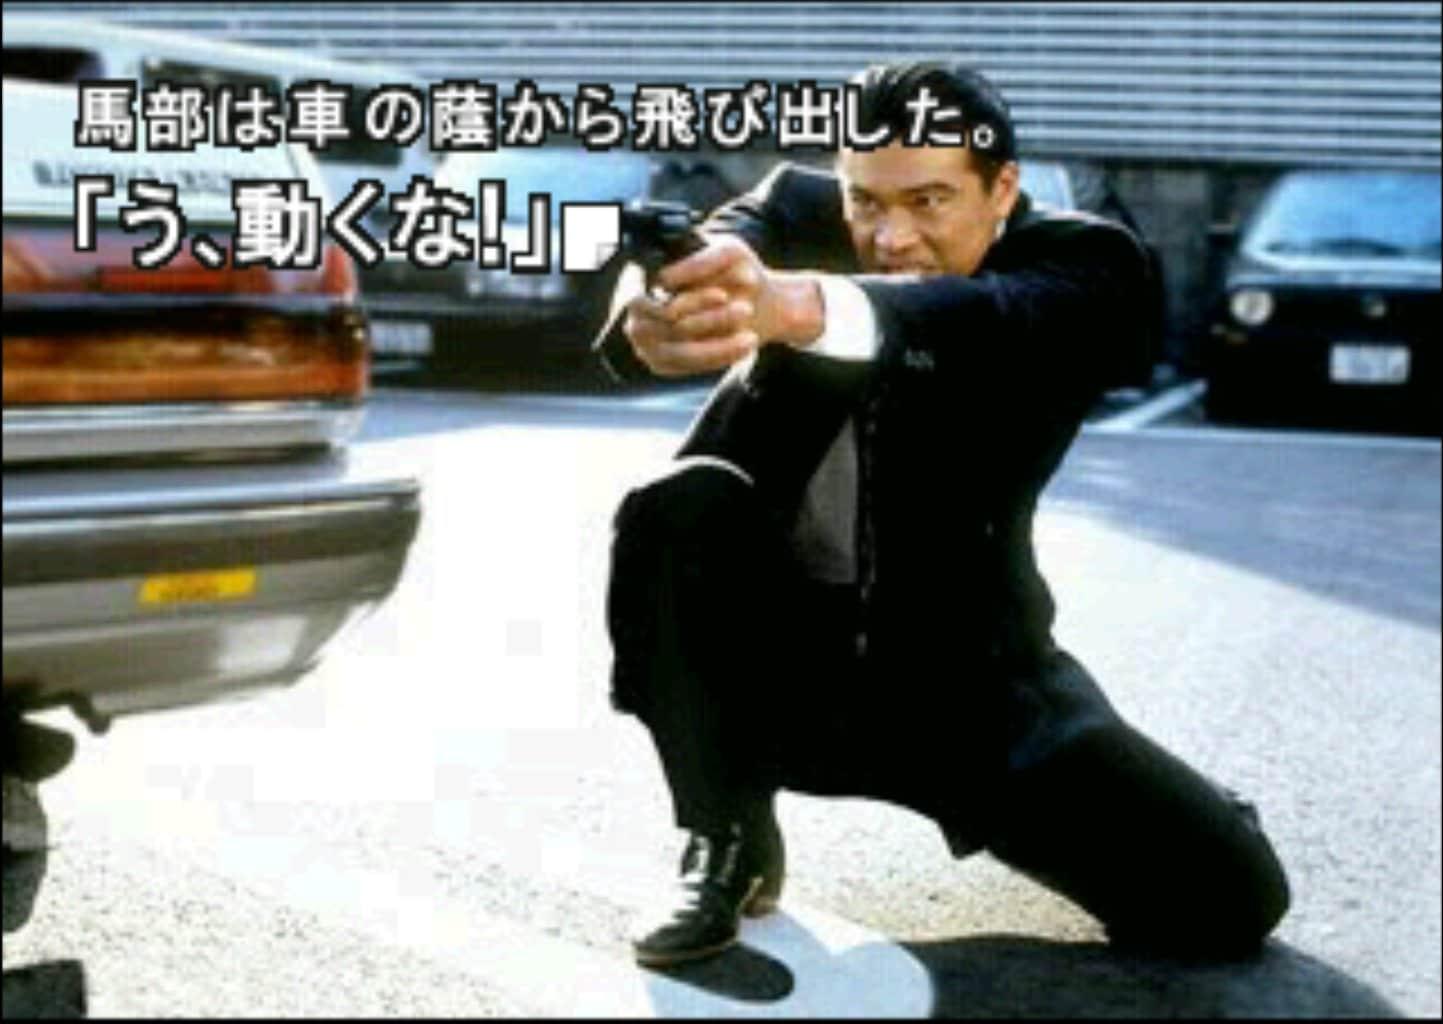 無名時代の窪塚洋介さんも出演、伝説の実写ゲーム『街』の圧倒的見せ方【ヤマグチクエスト・コラム】の画像019